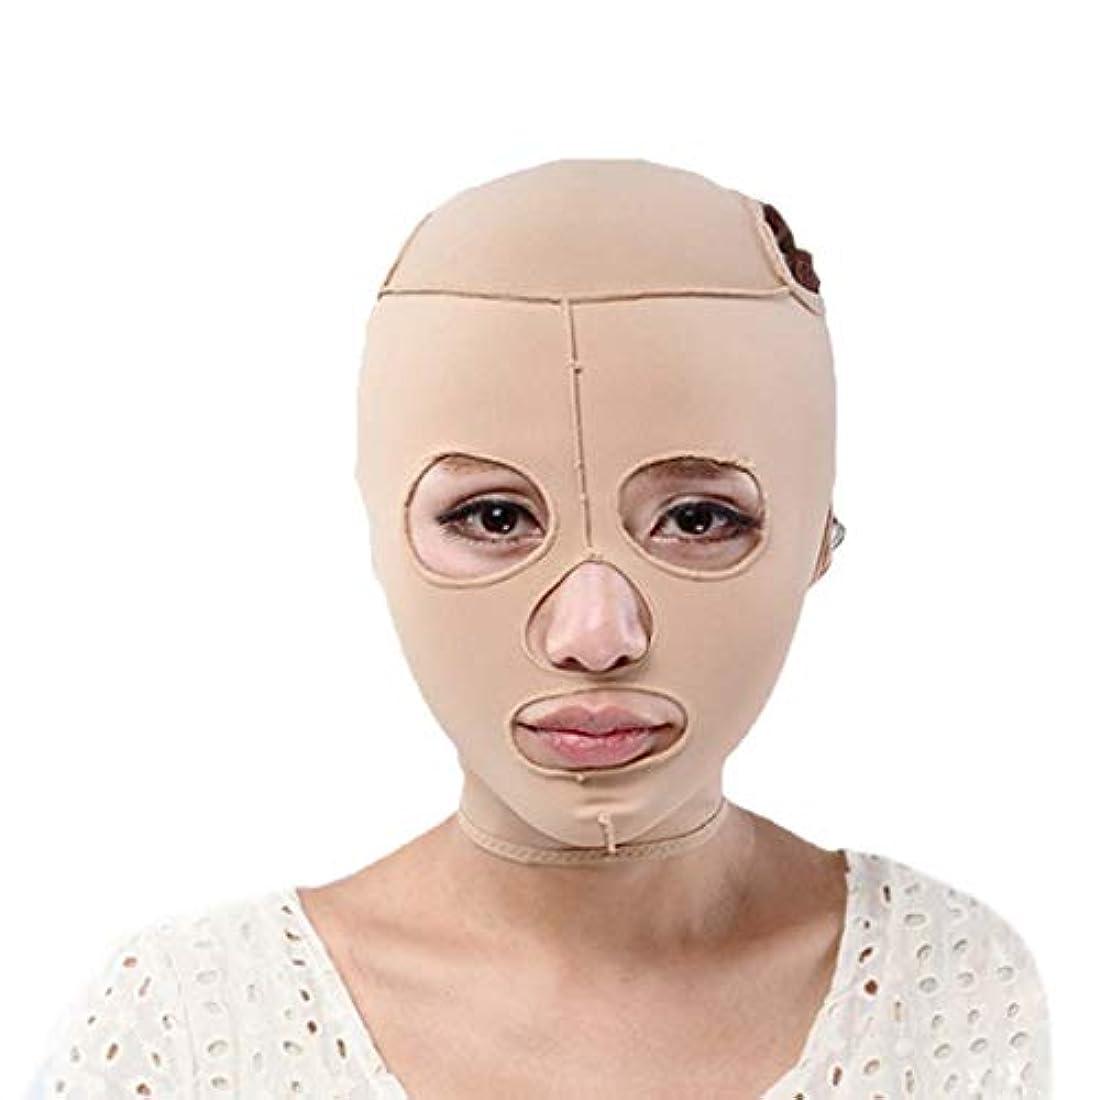 メロディアス描く足首チンストラップ、顔の減量アンチシワマスク、快適な通気性マスク付きオールインクルーシブフェイス、薄型フェイスマスクリフティング包帯引き締め(サイズ:S),M